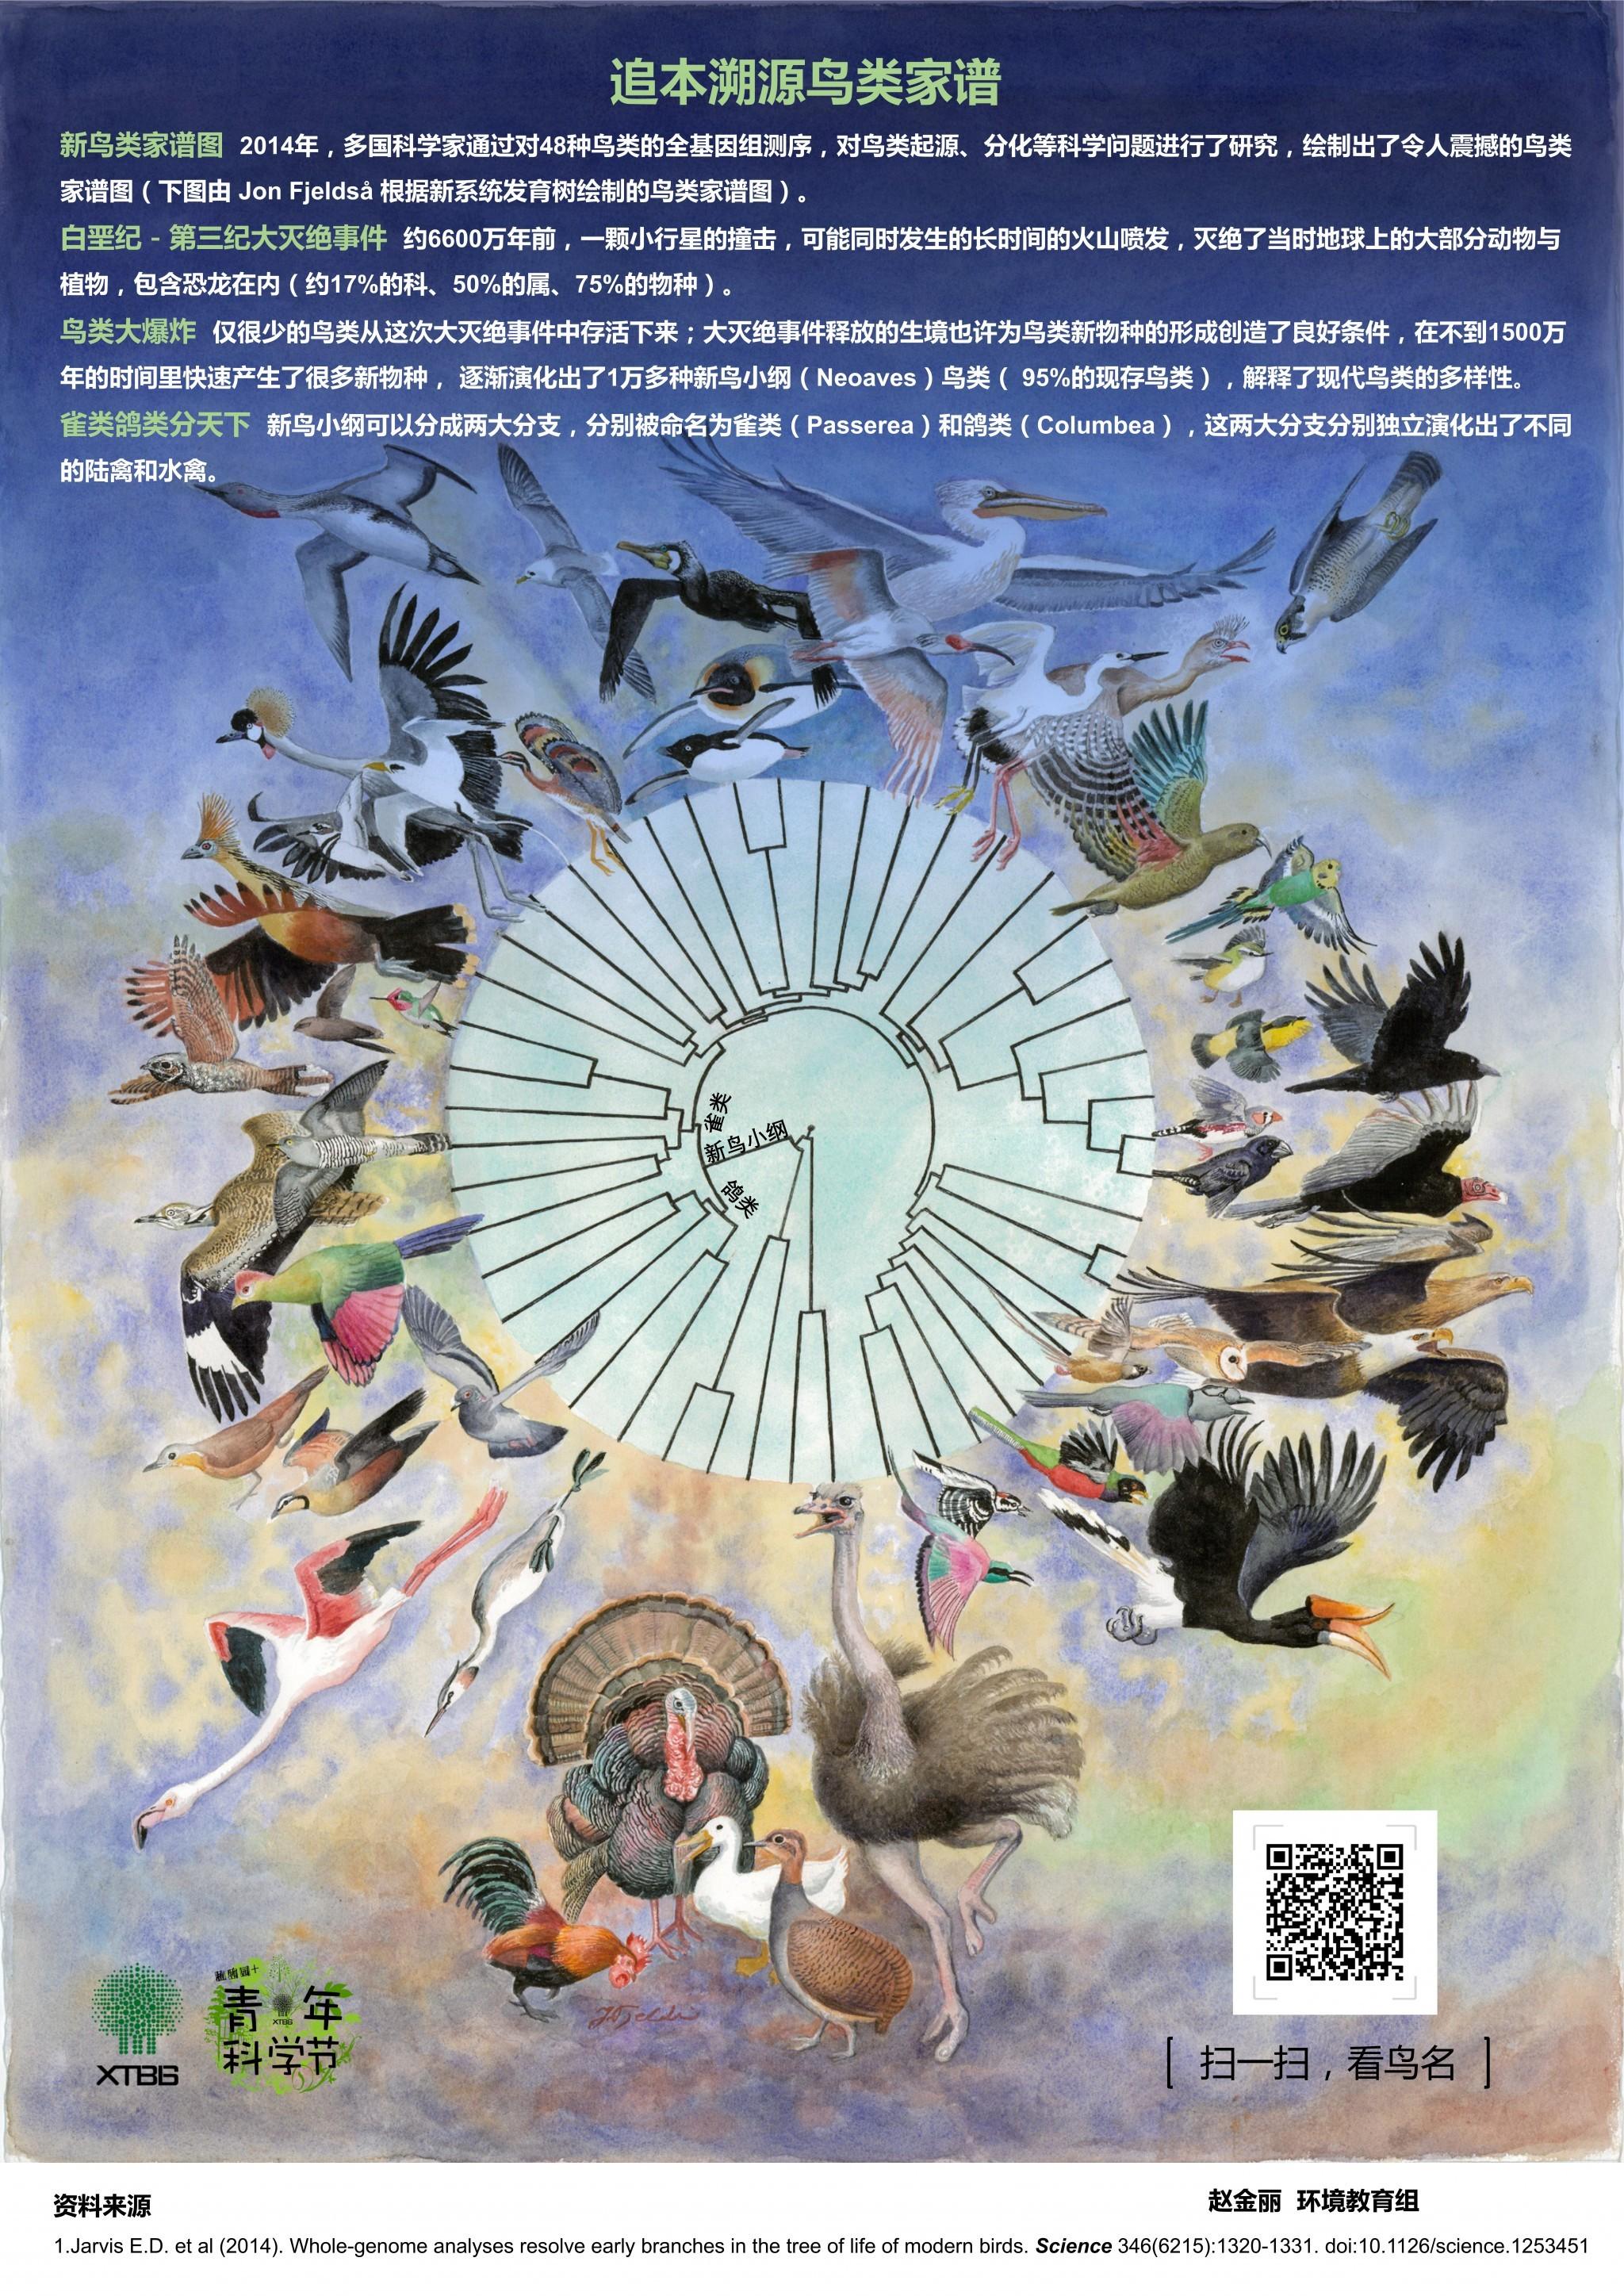 追本溯源鸟类家谱(作者:赵金丽)